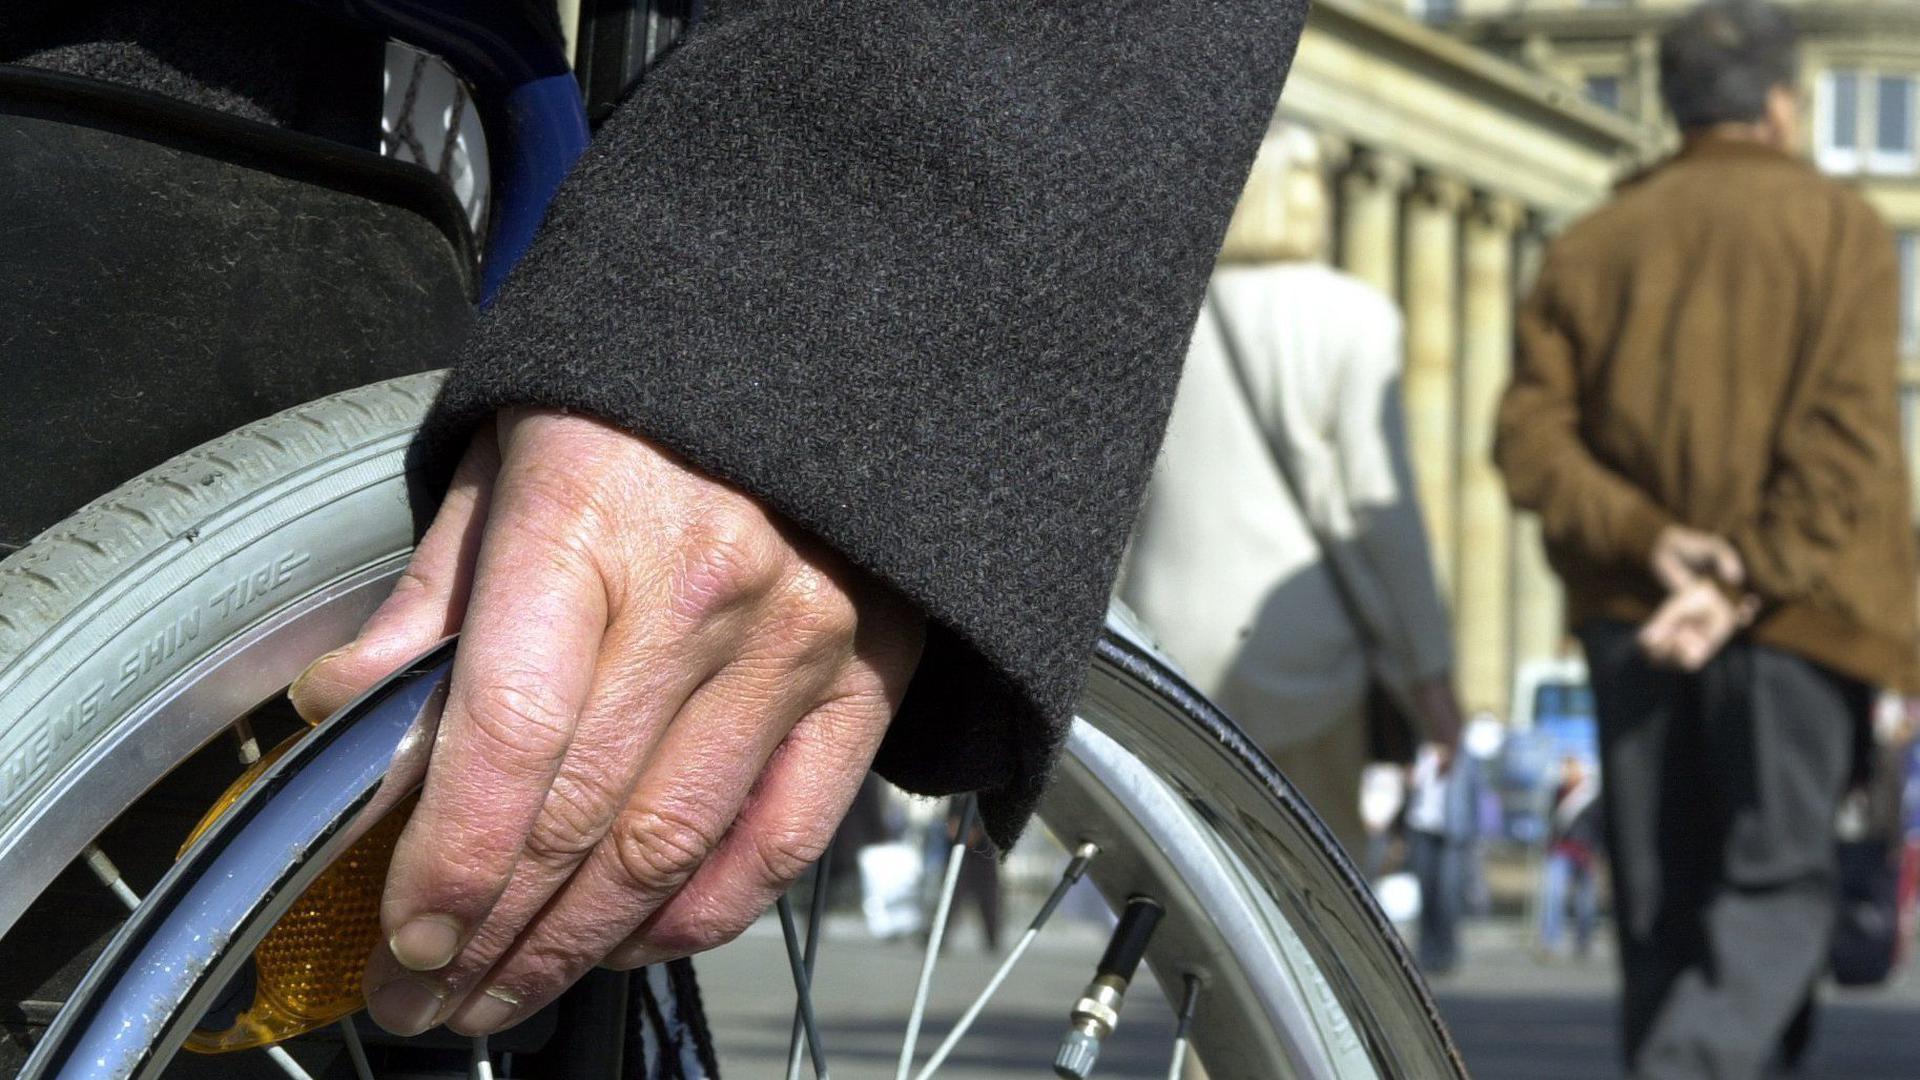 Die Hand eines Rollstuhlfahrers liegt auf dem Rad des Stuhls